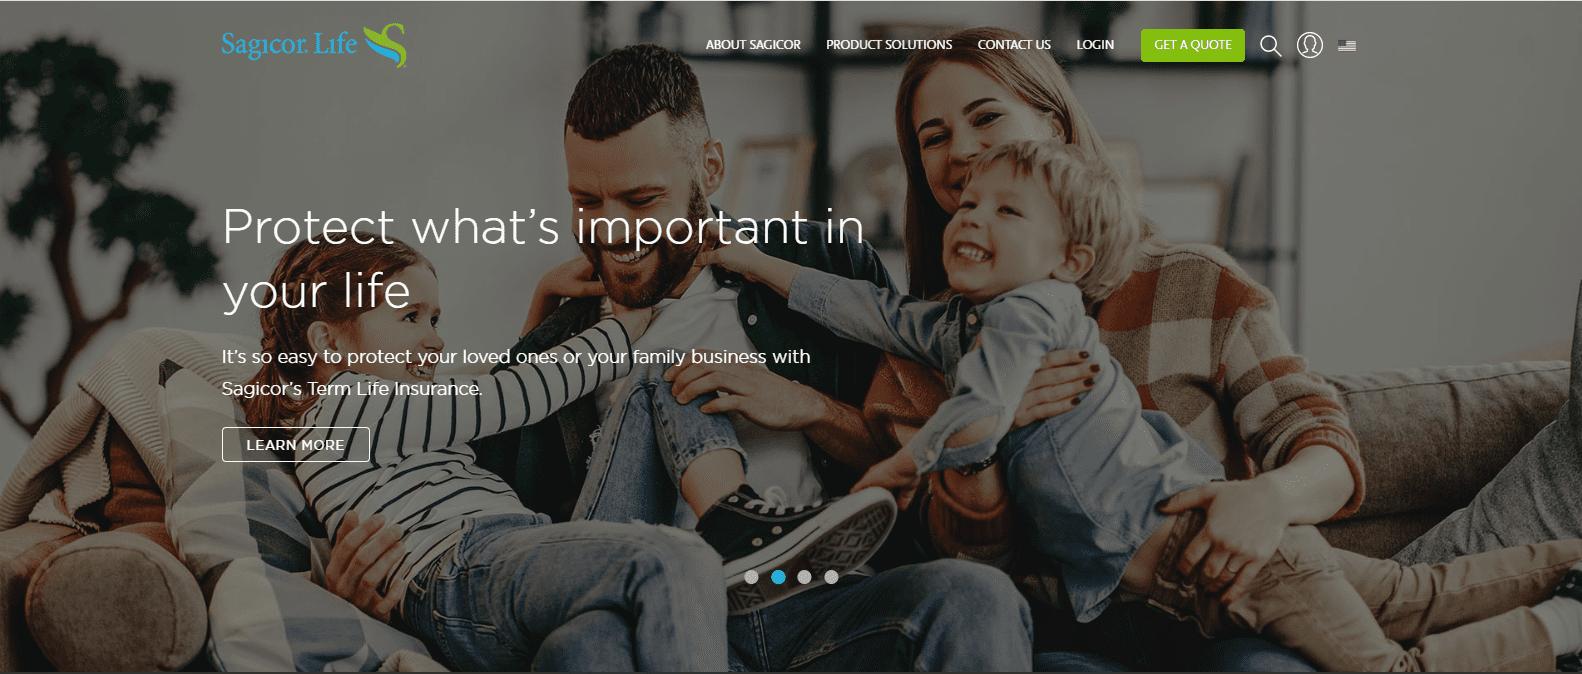 sagicor home page